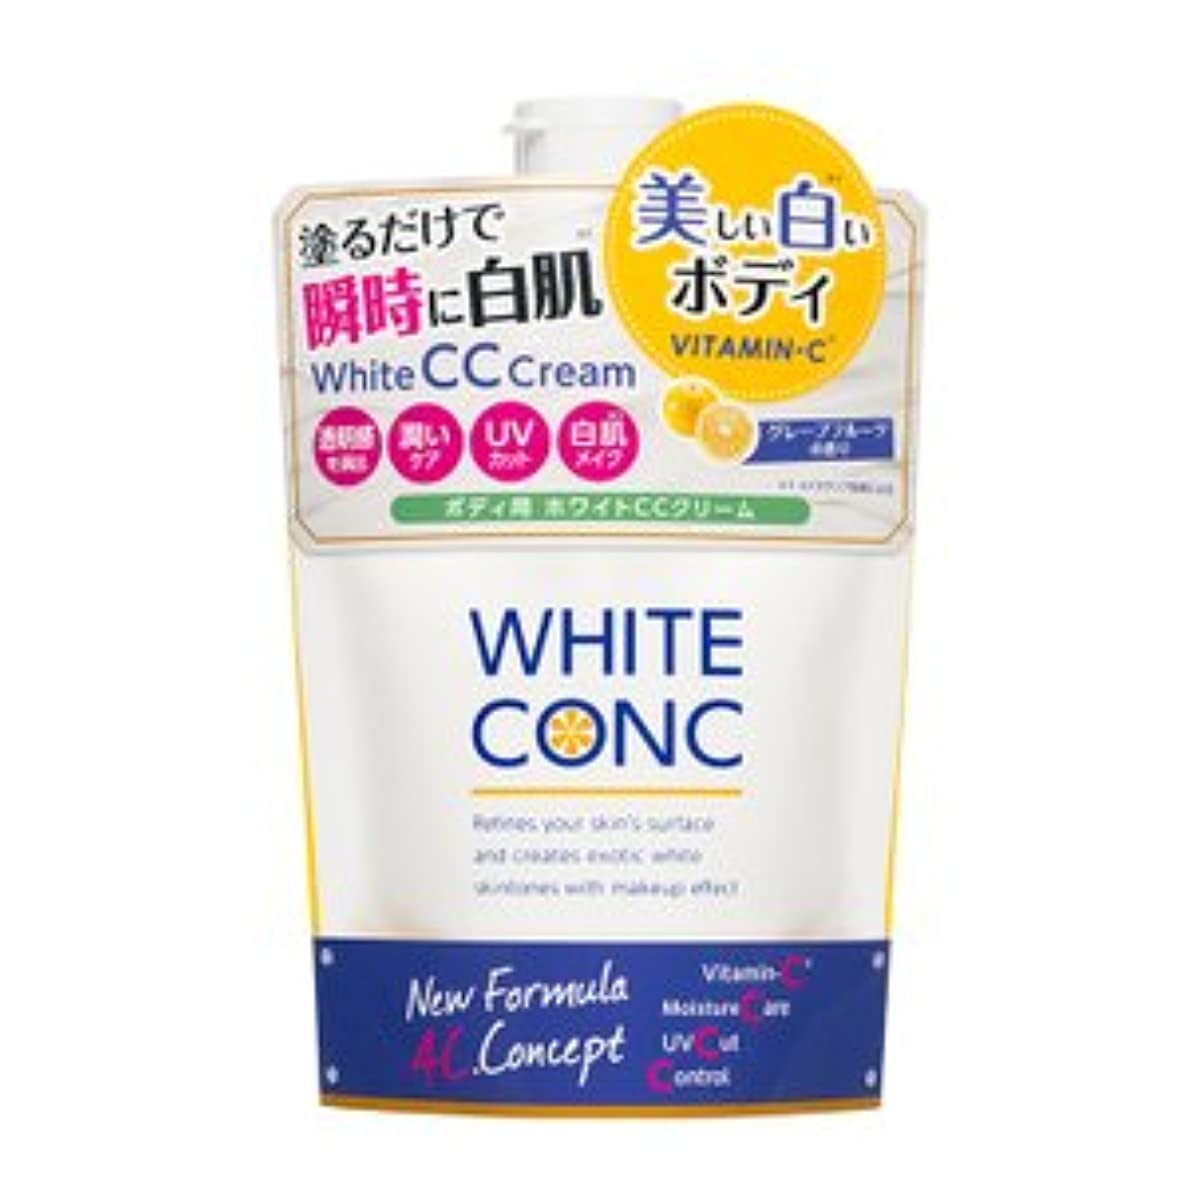 証明サスペンション悲惨薬用ホワイトコンクホワイトCCクリーム 200g